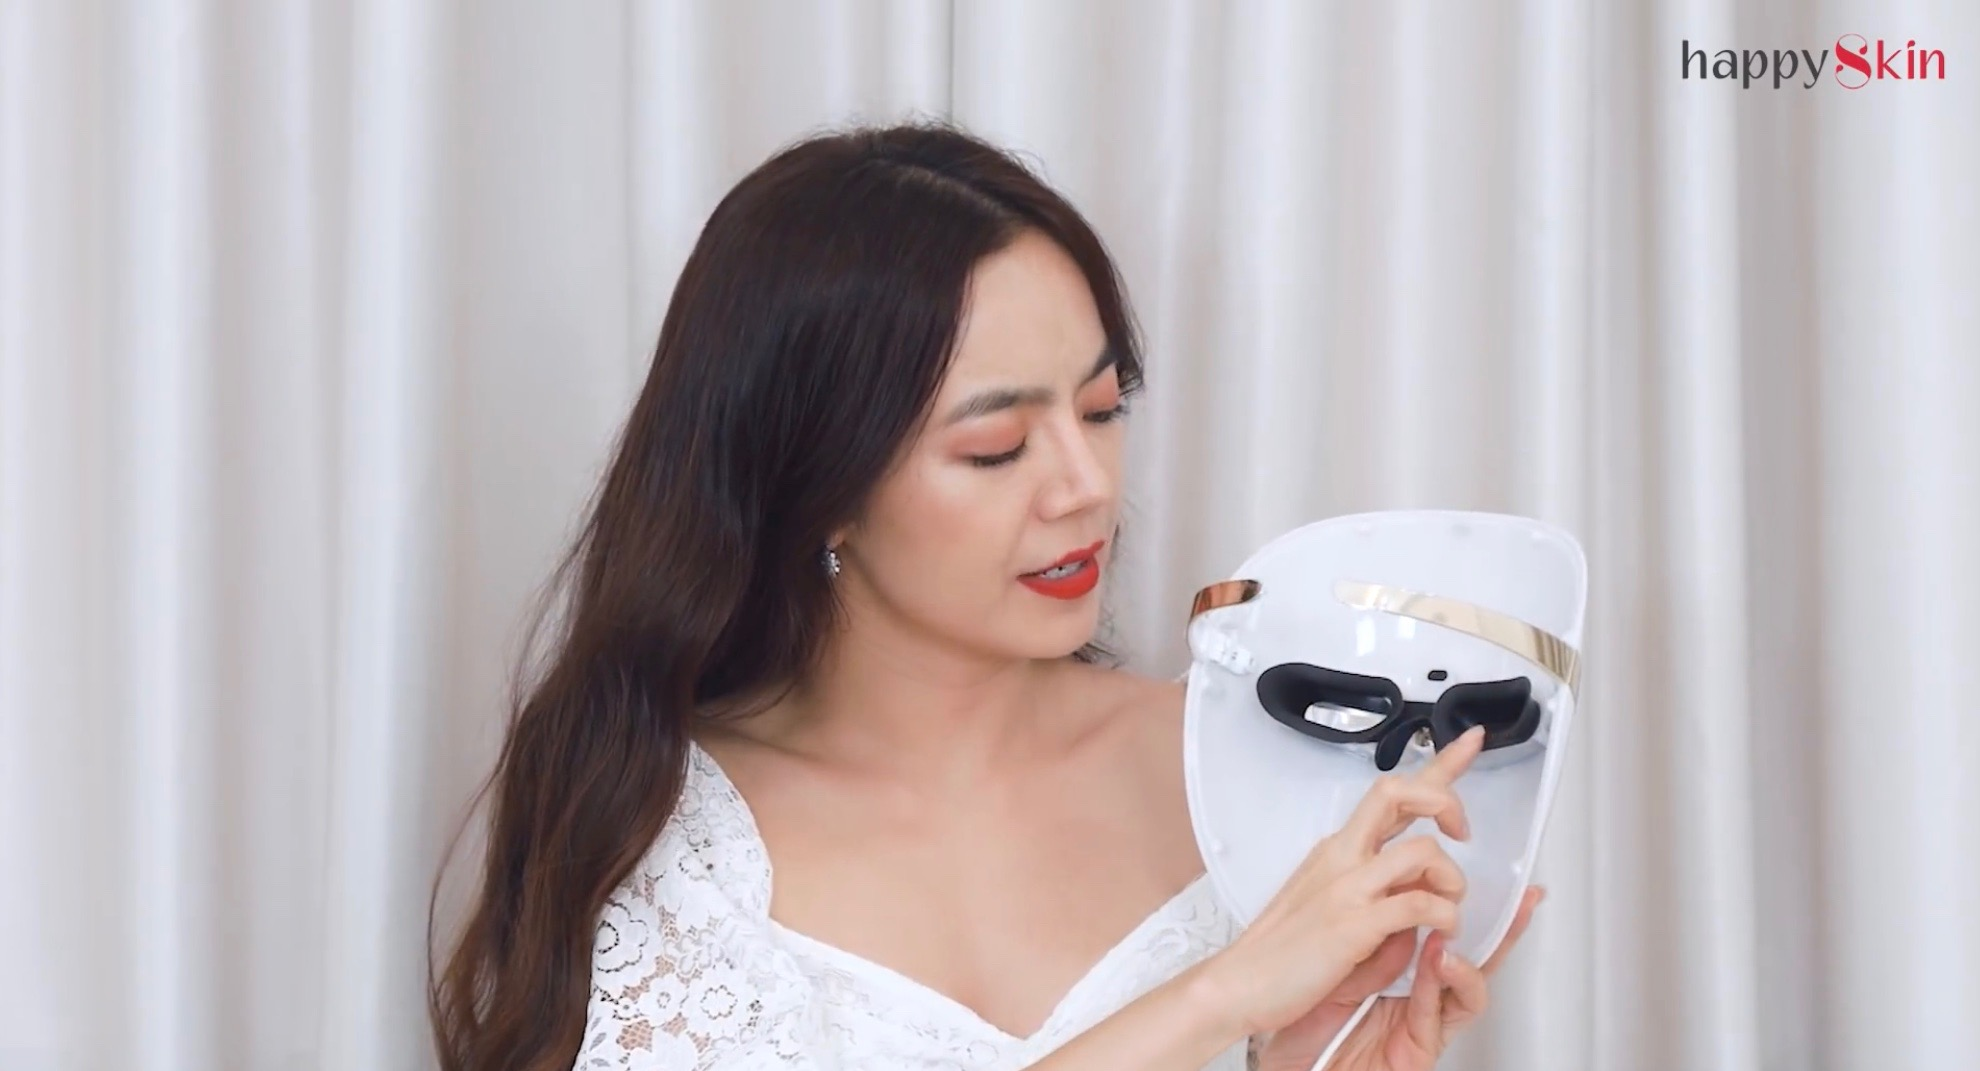 Beauty blogger Emmi Hoang cảm nhận về mặt nạ công nghệ LG Derma LED